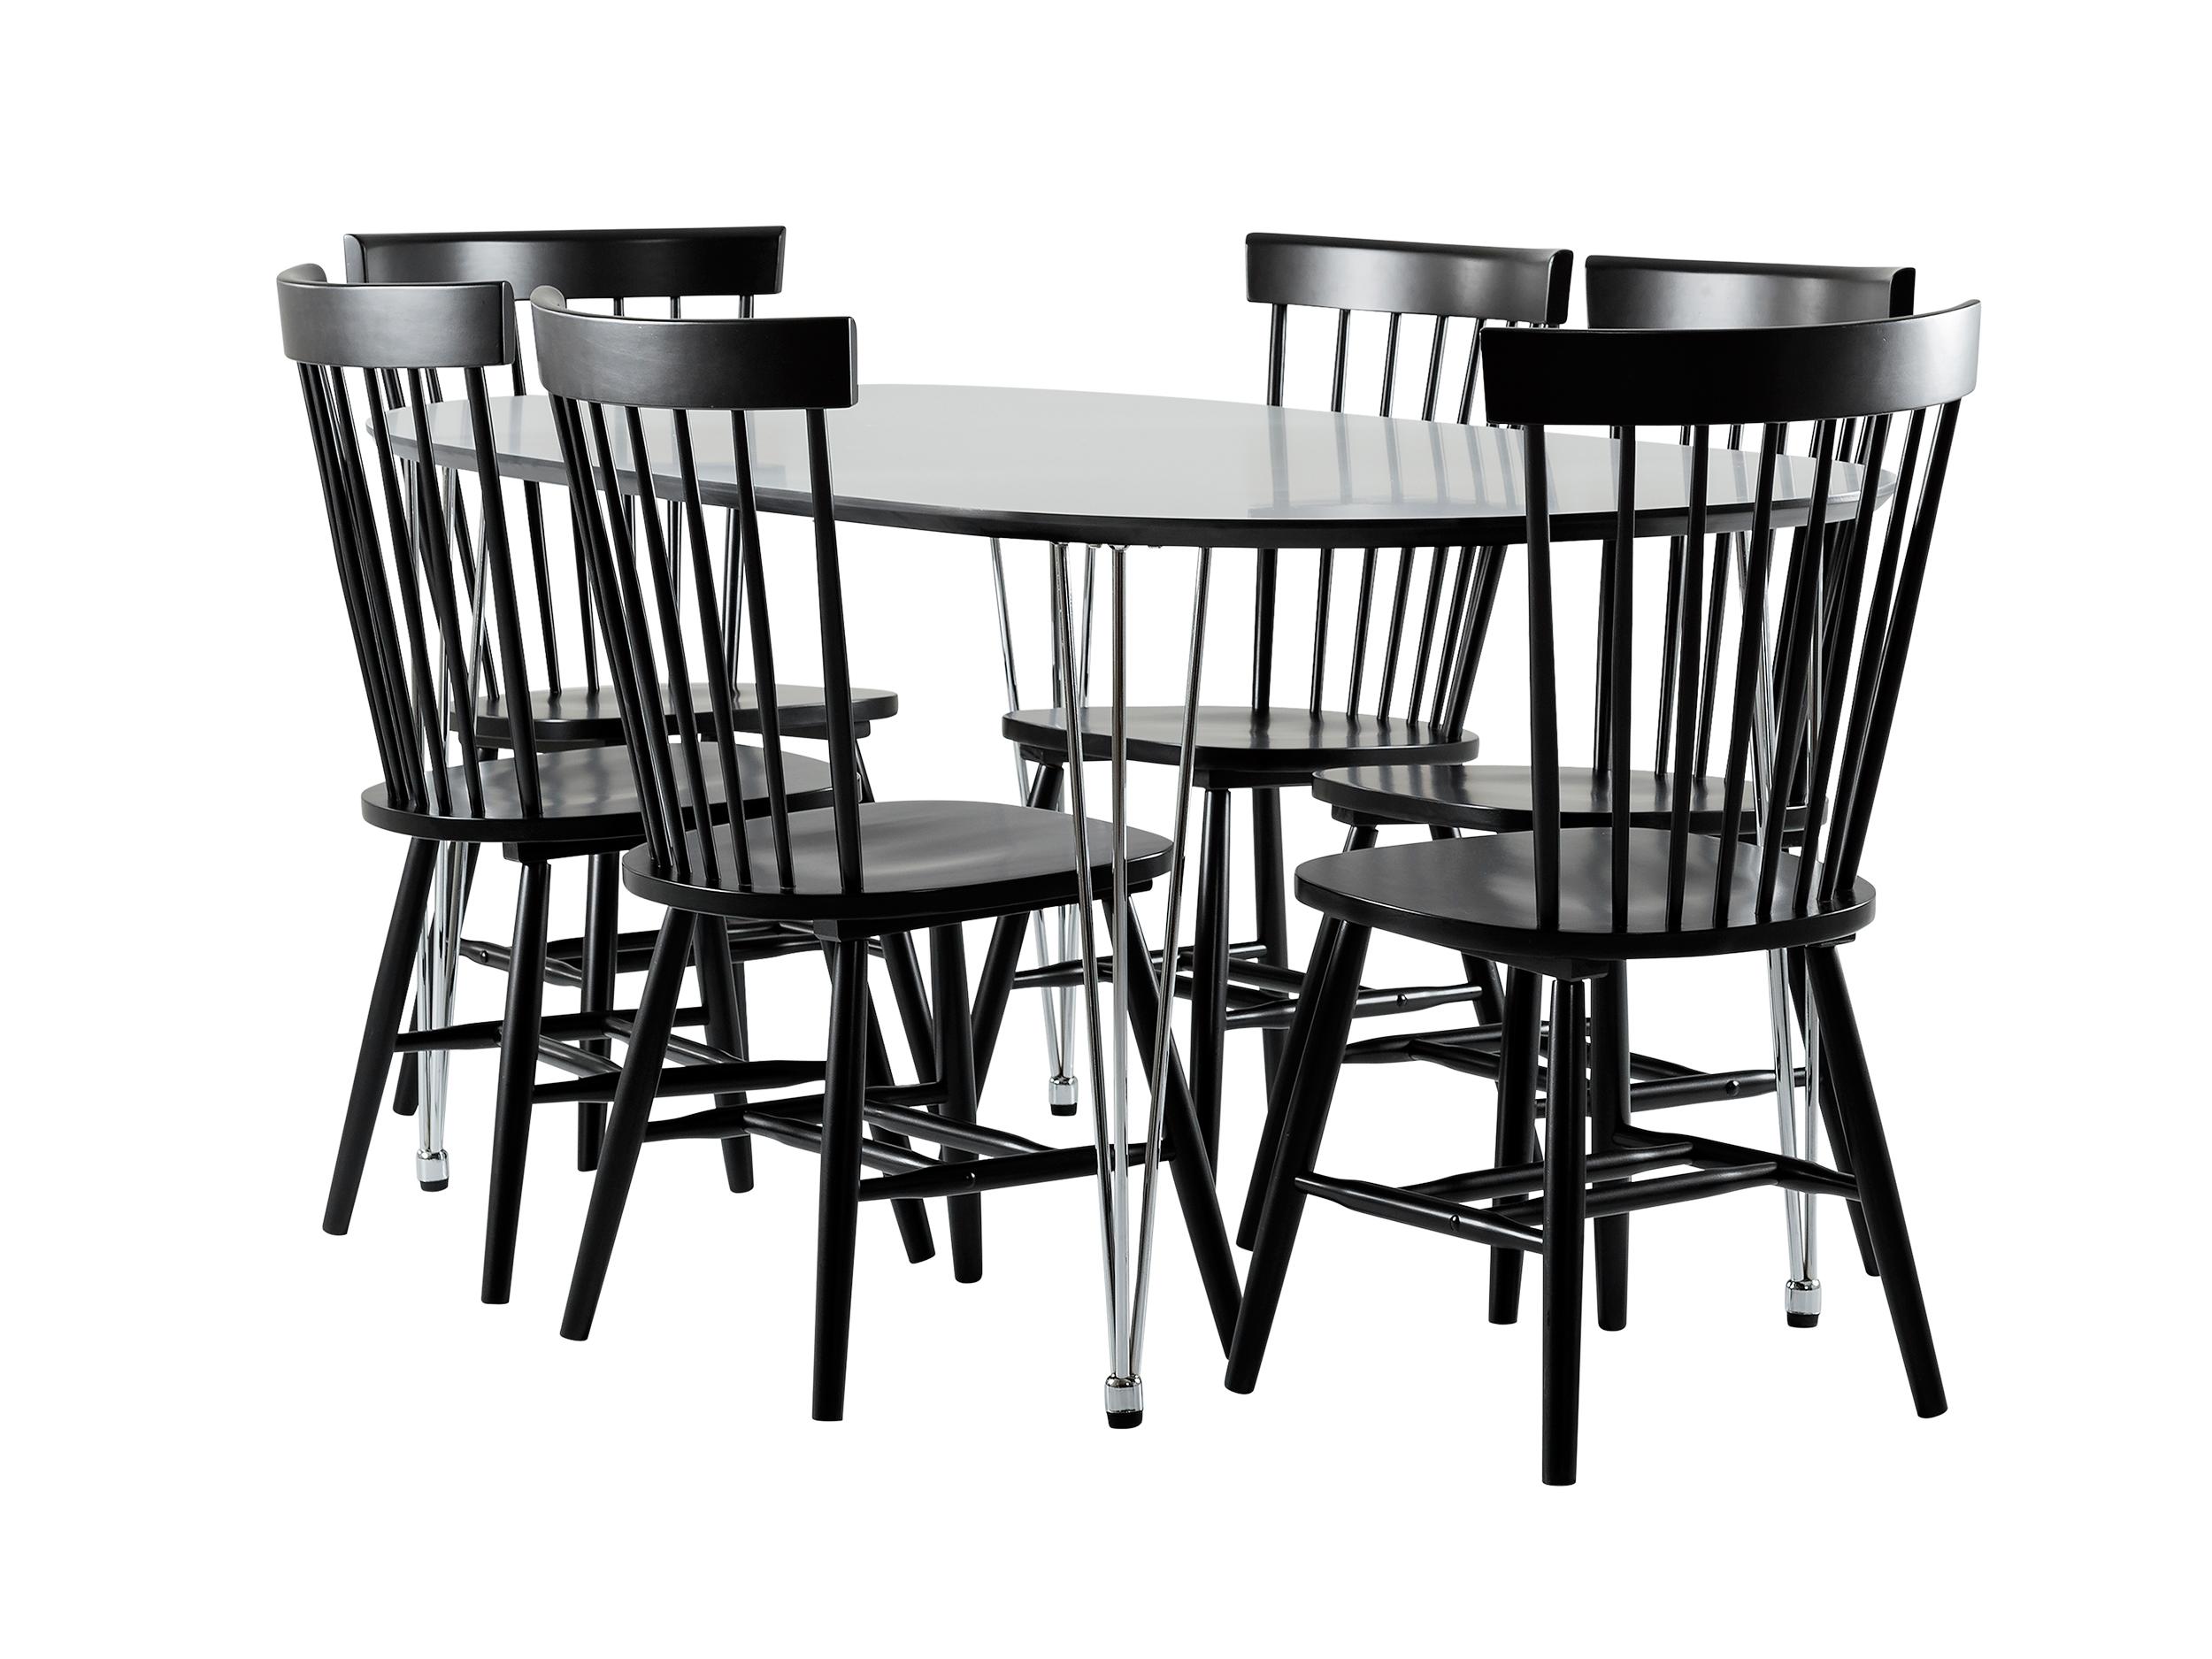 Billigt Koksbord Ikea : svart koksbord  studio karin SVARTA OCH VITA BORD OCH EAMES STOLAR